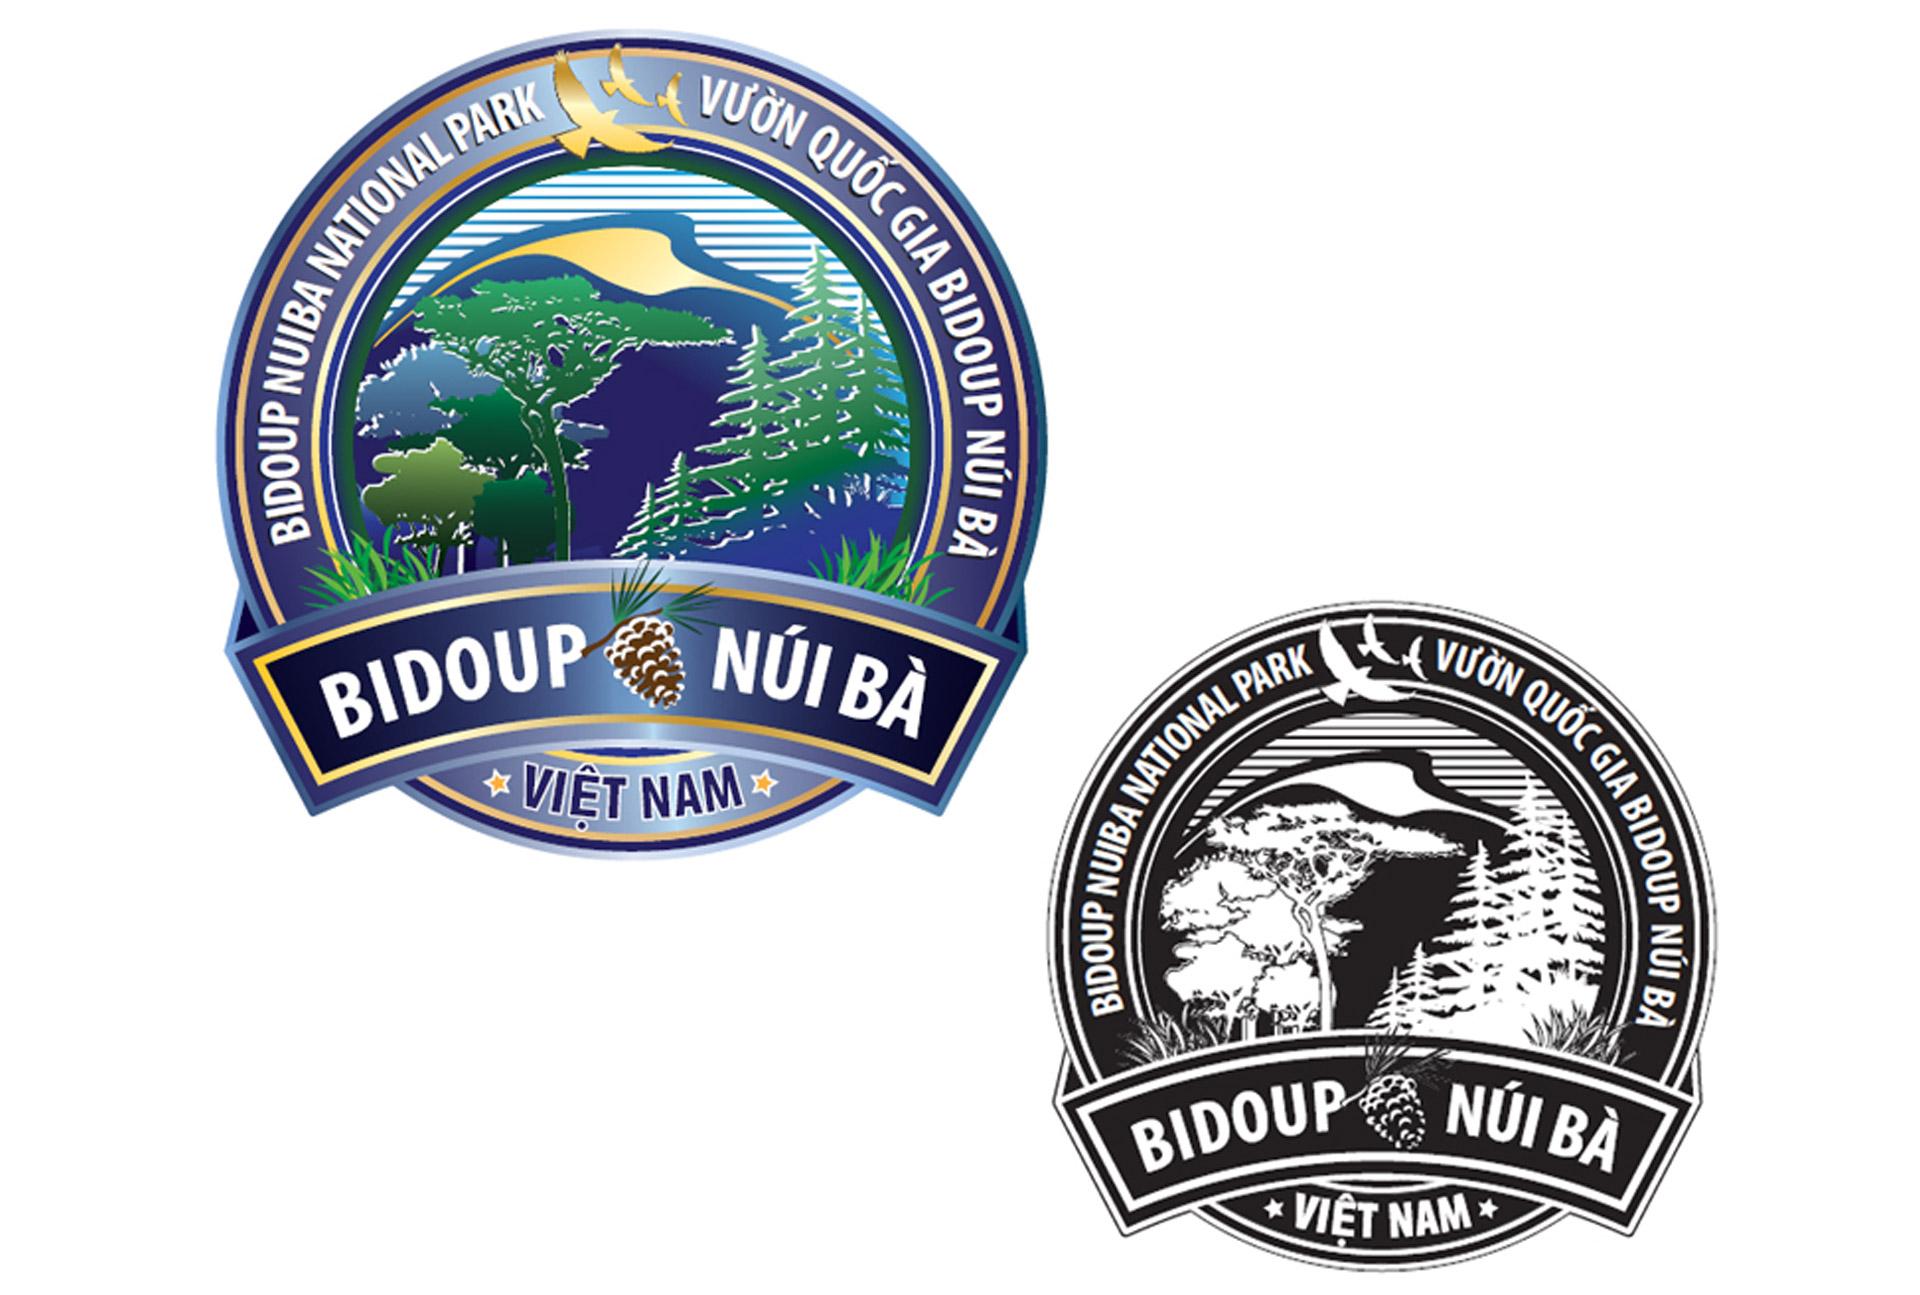 Bidoup Nui Ba